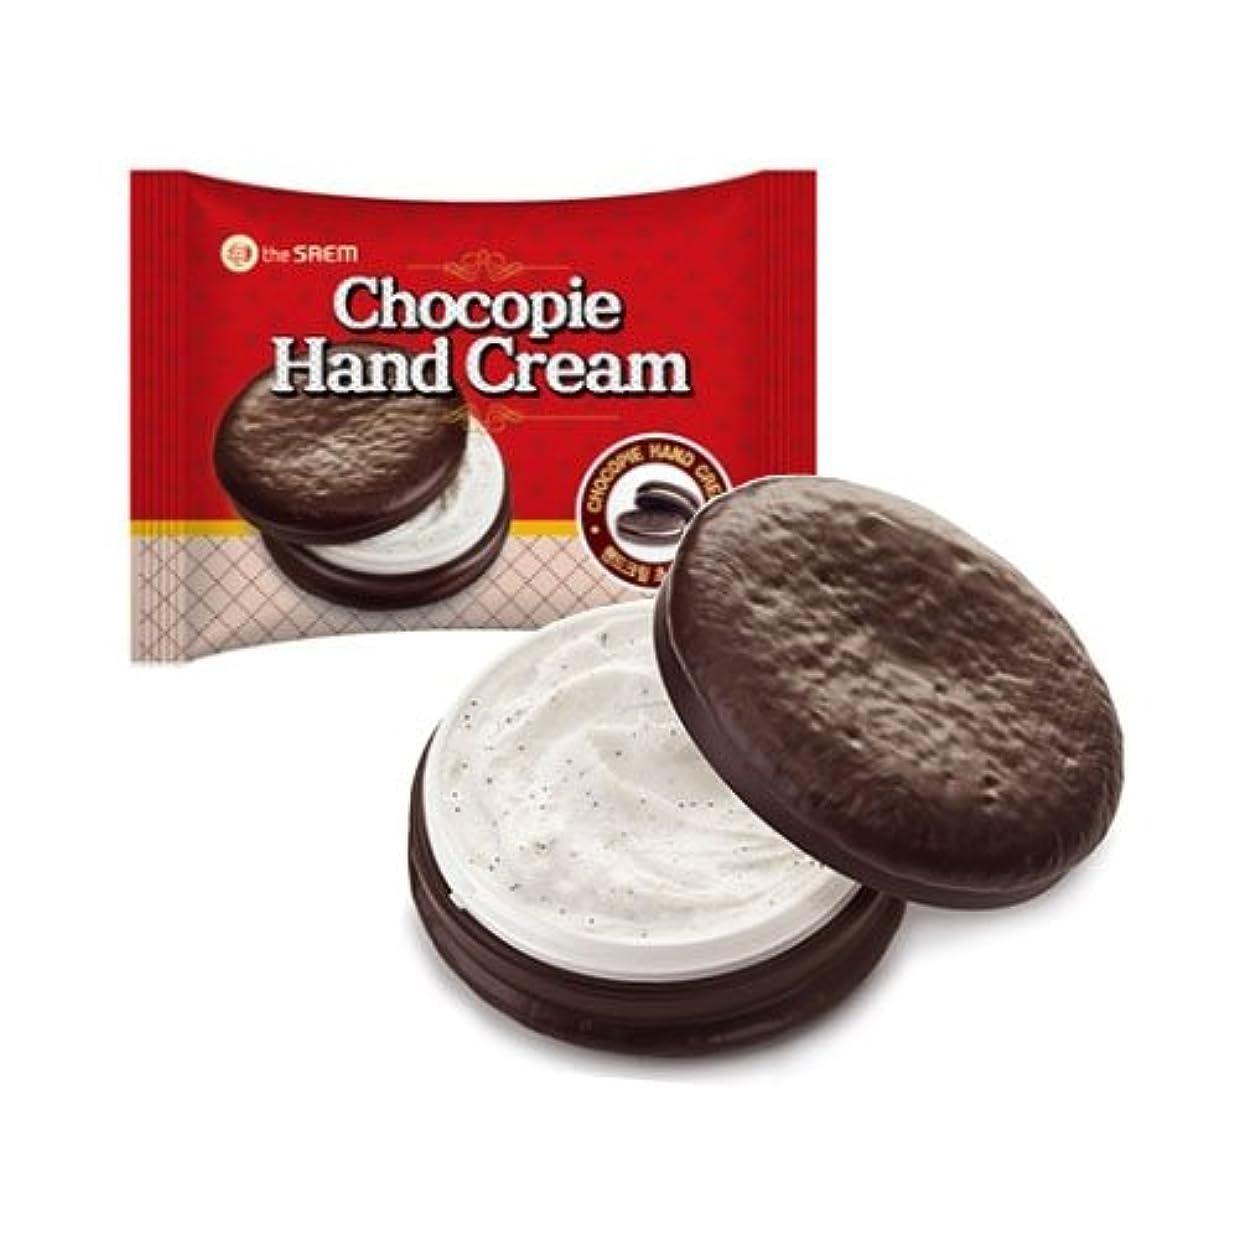 思春期裸局ザセム チョコパイ ハンドクリーム クッキーアンドクリーム [海外直送品][並行輸入品]